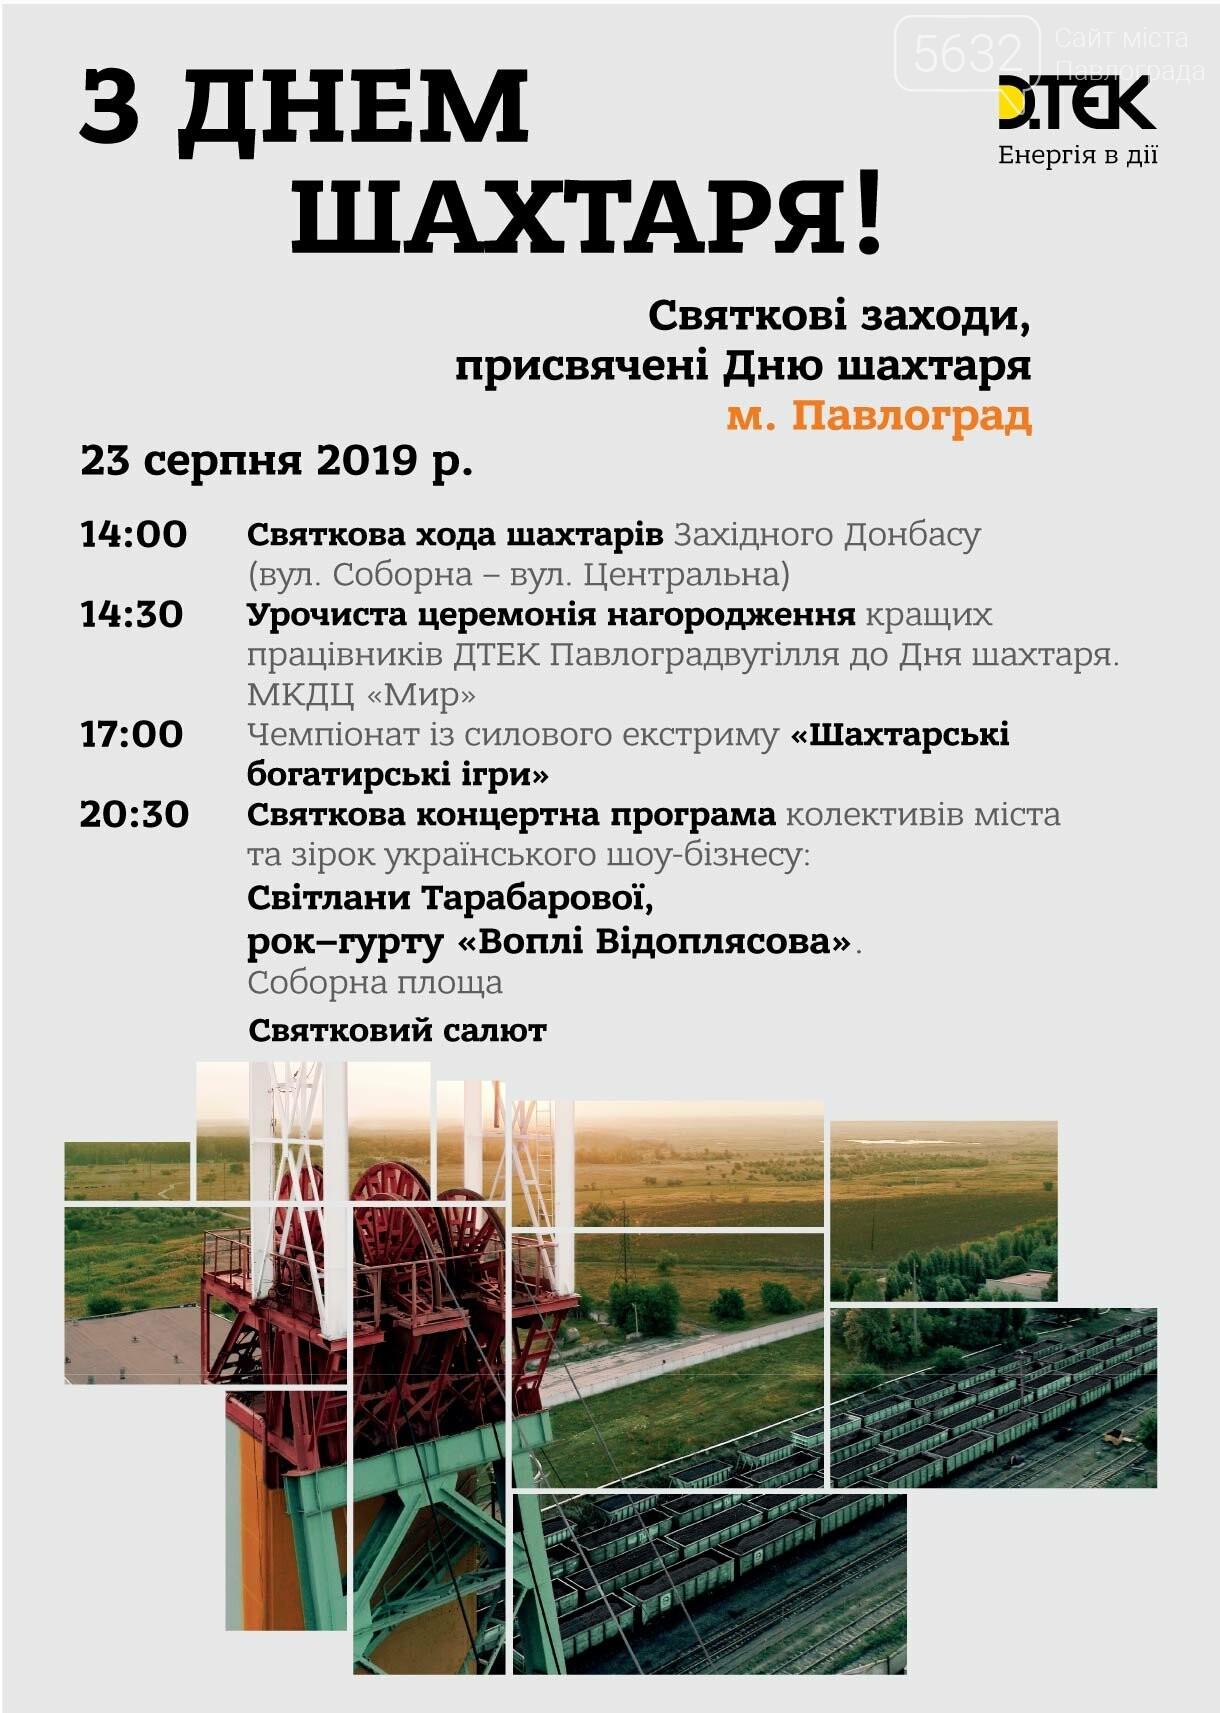 Стало известно, как отметят День шахтёра в Западном Донбассе, фото-1